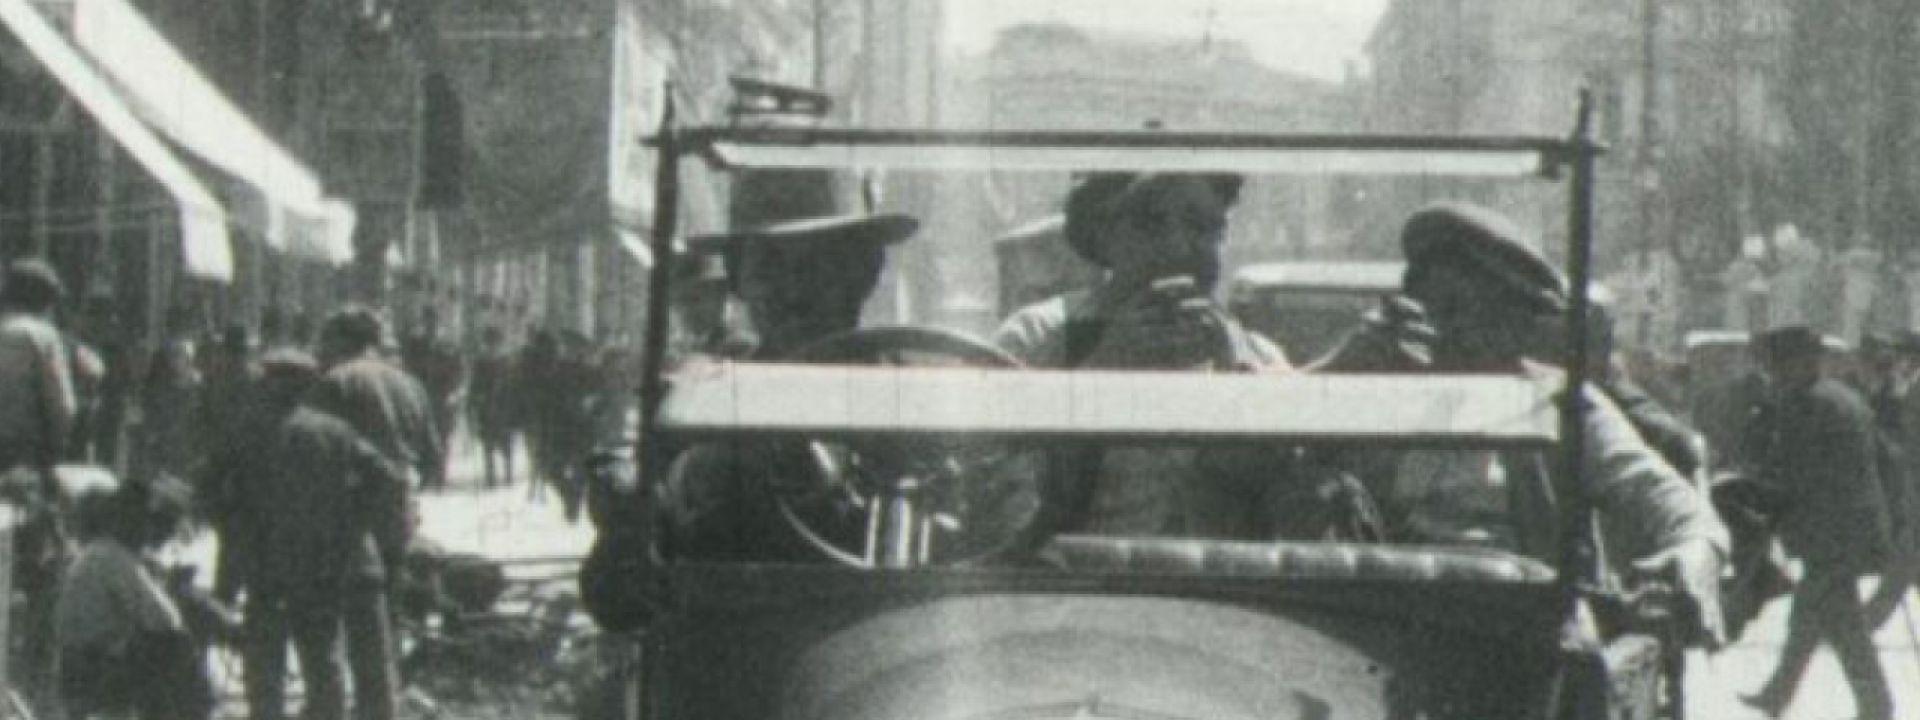 Φωτογραφία από την ταινία Οι απάχηδες των Αθηνών